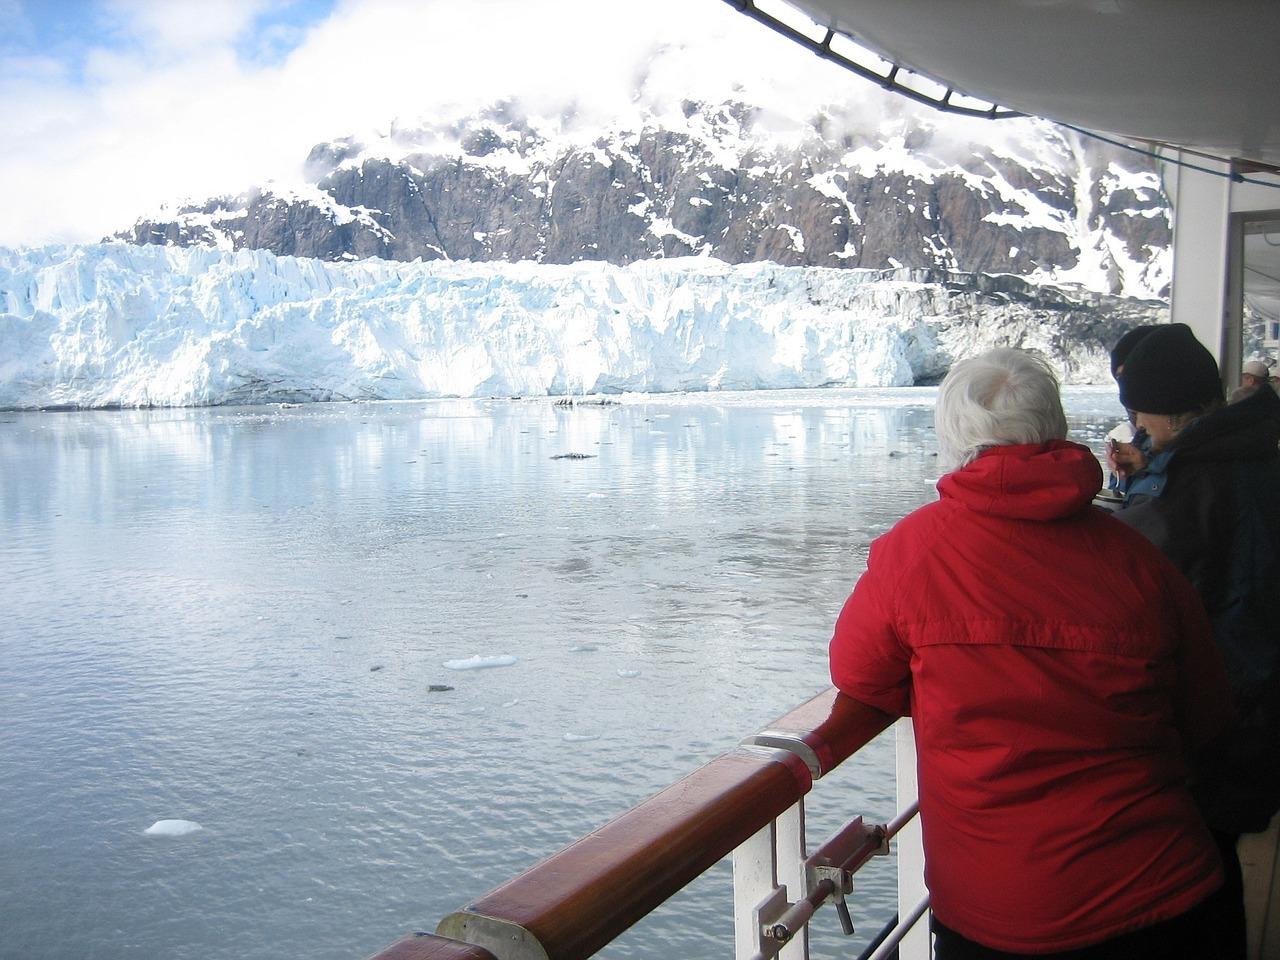 cruise-ship-1253264_1280